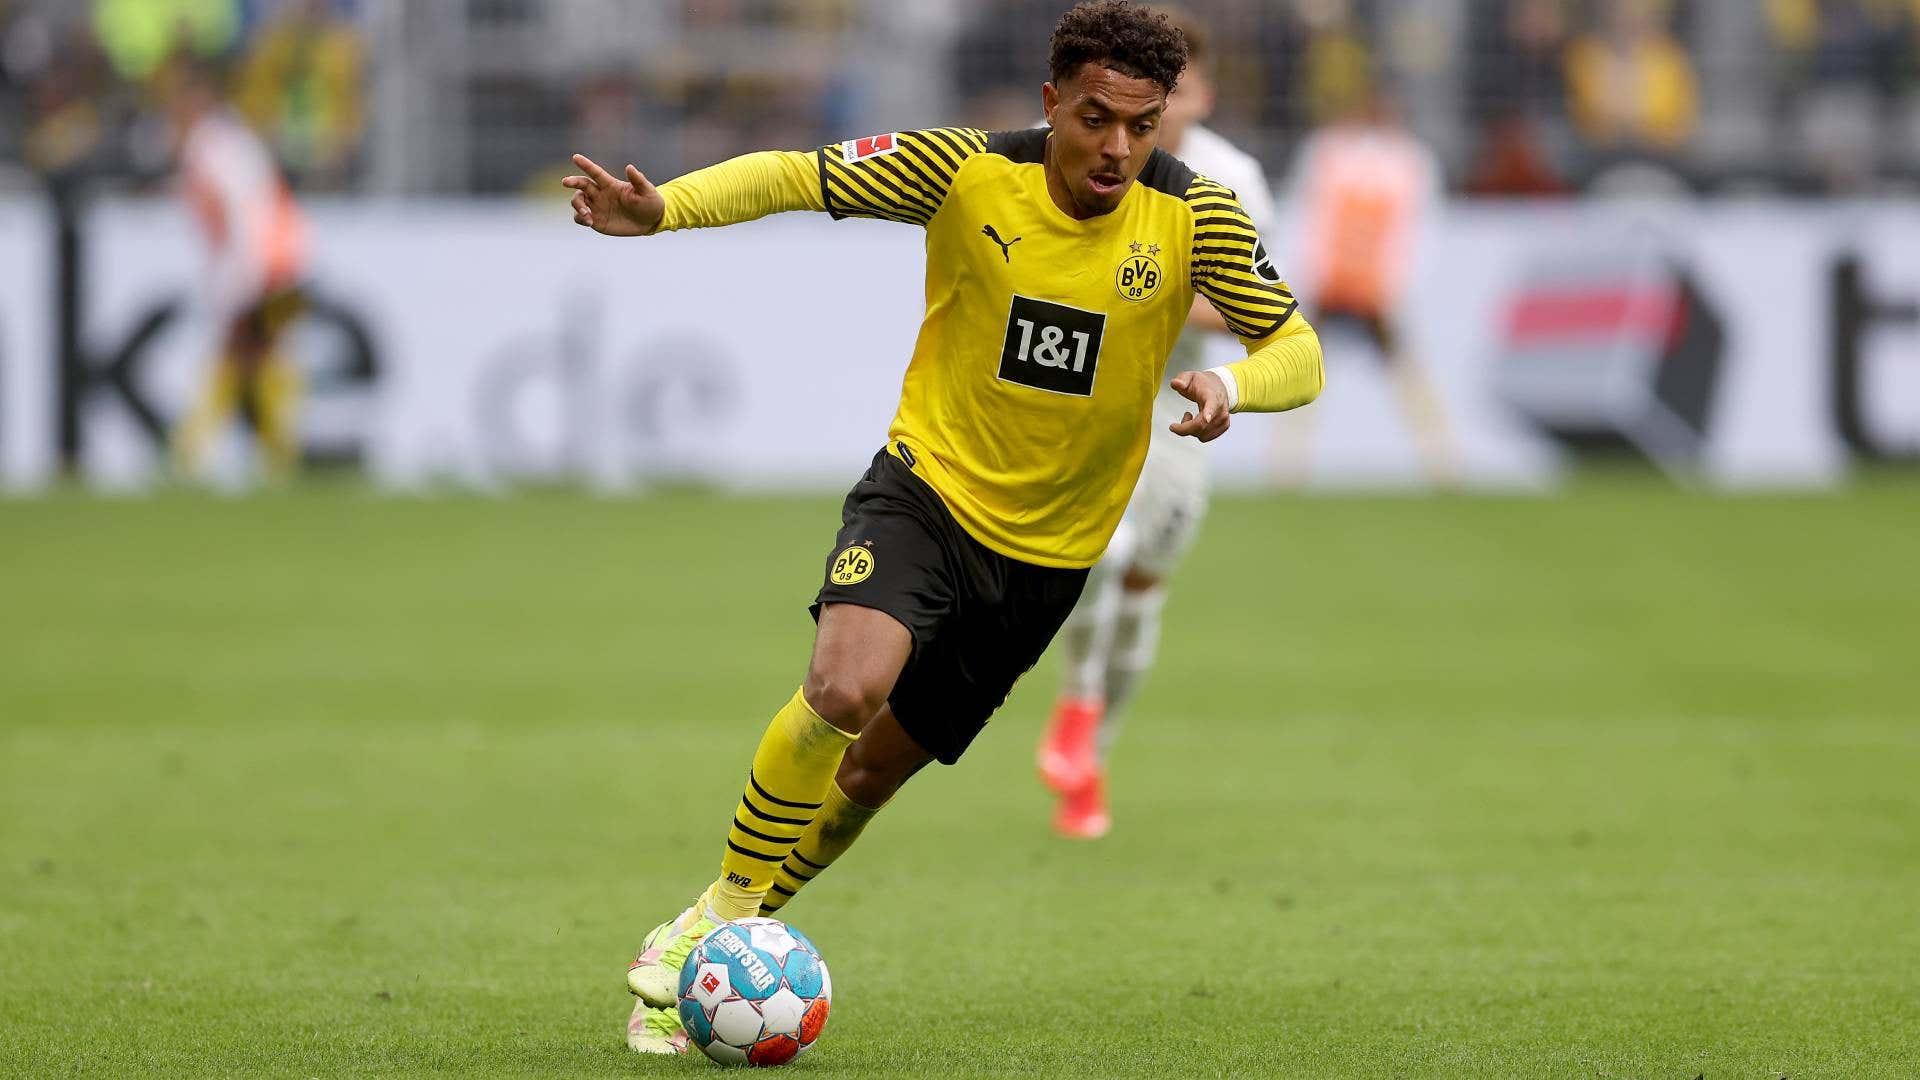 Wer zeigt / überträgt BVB (Borussia Dortmund) vs. Mainz 05? Die Übertragung der Bundesliga   Goal.com